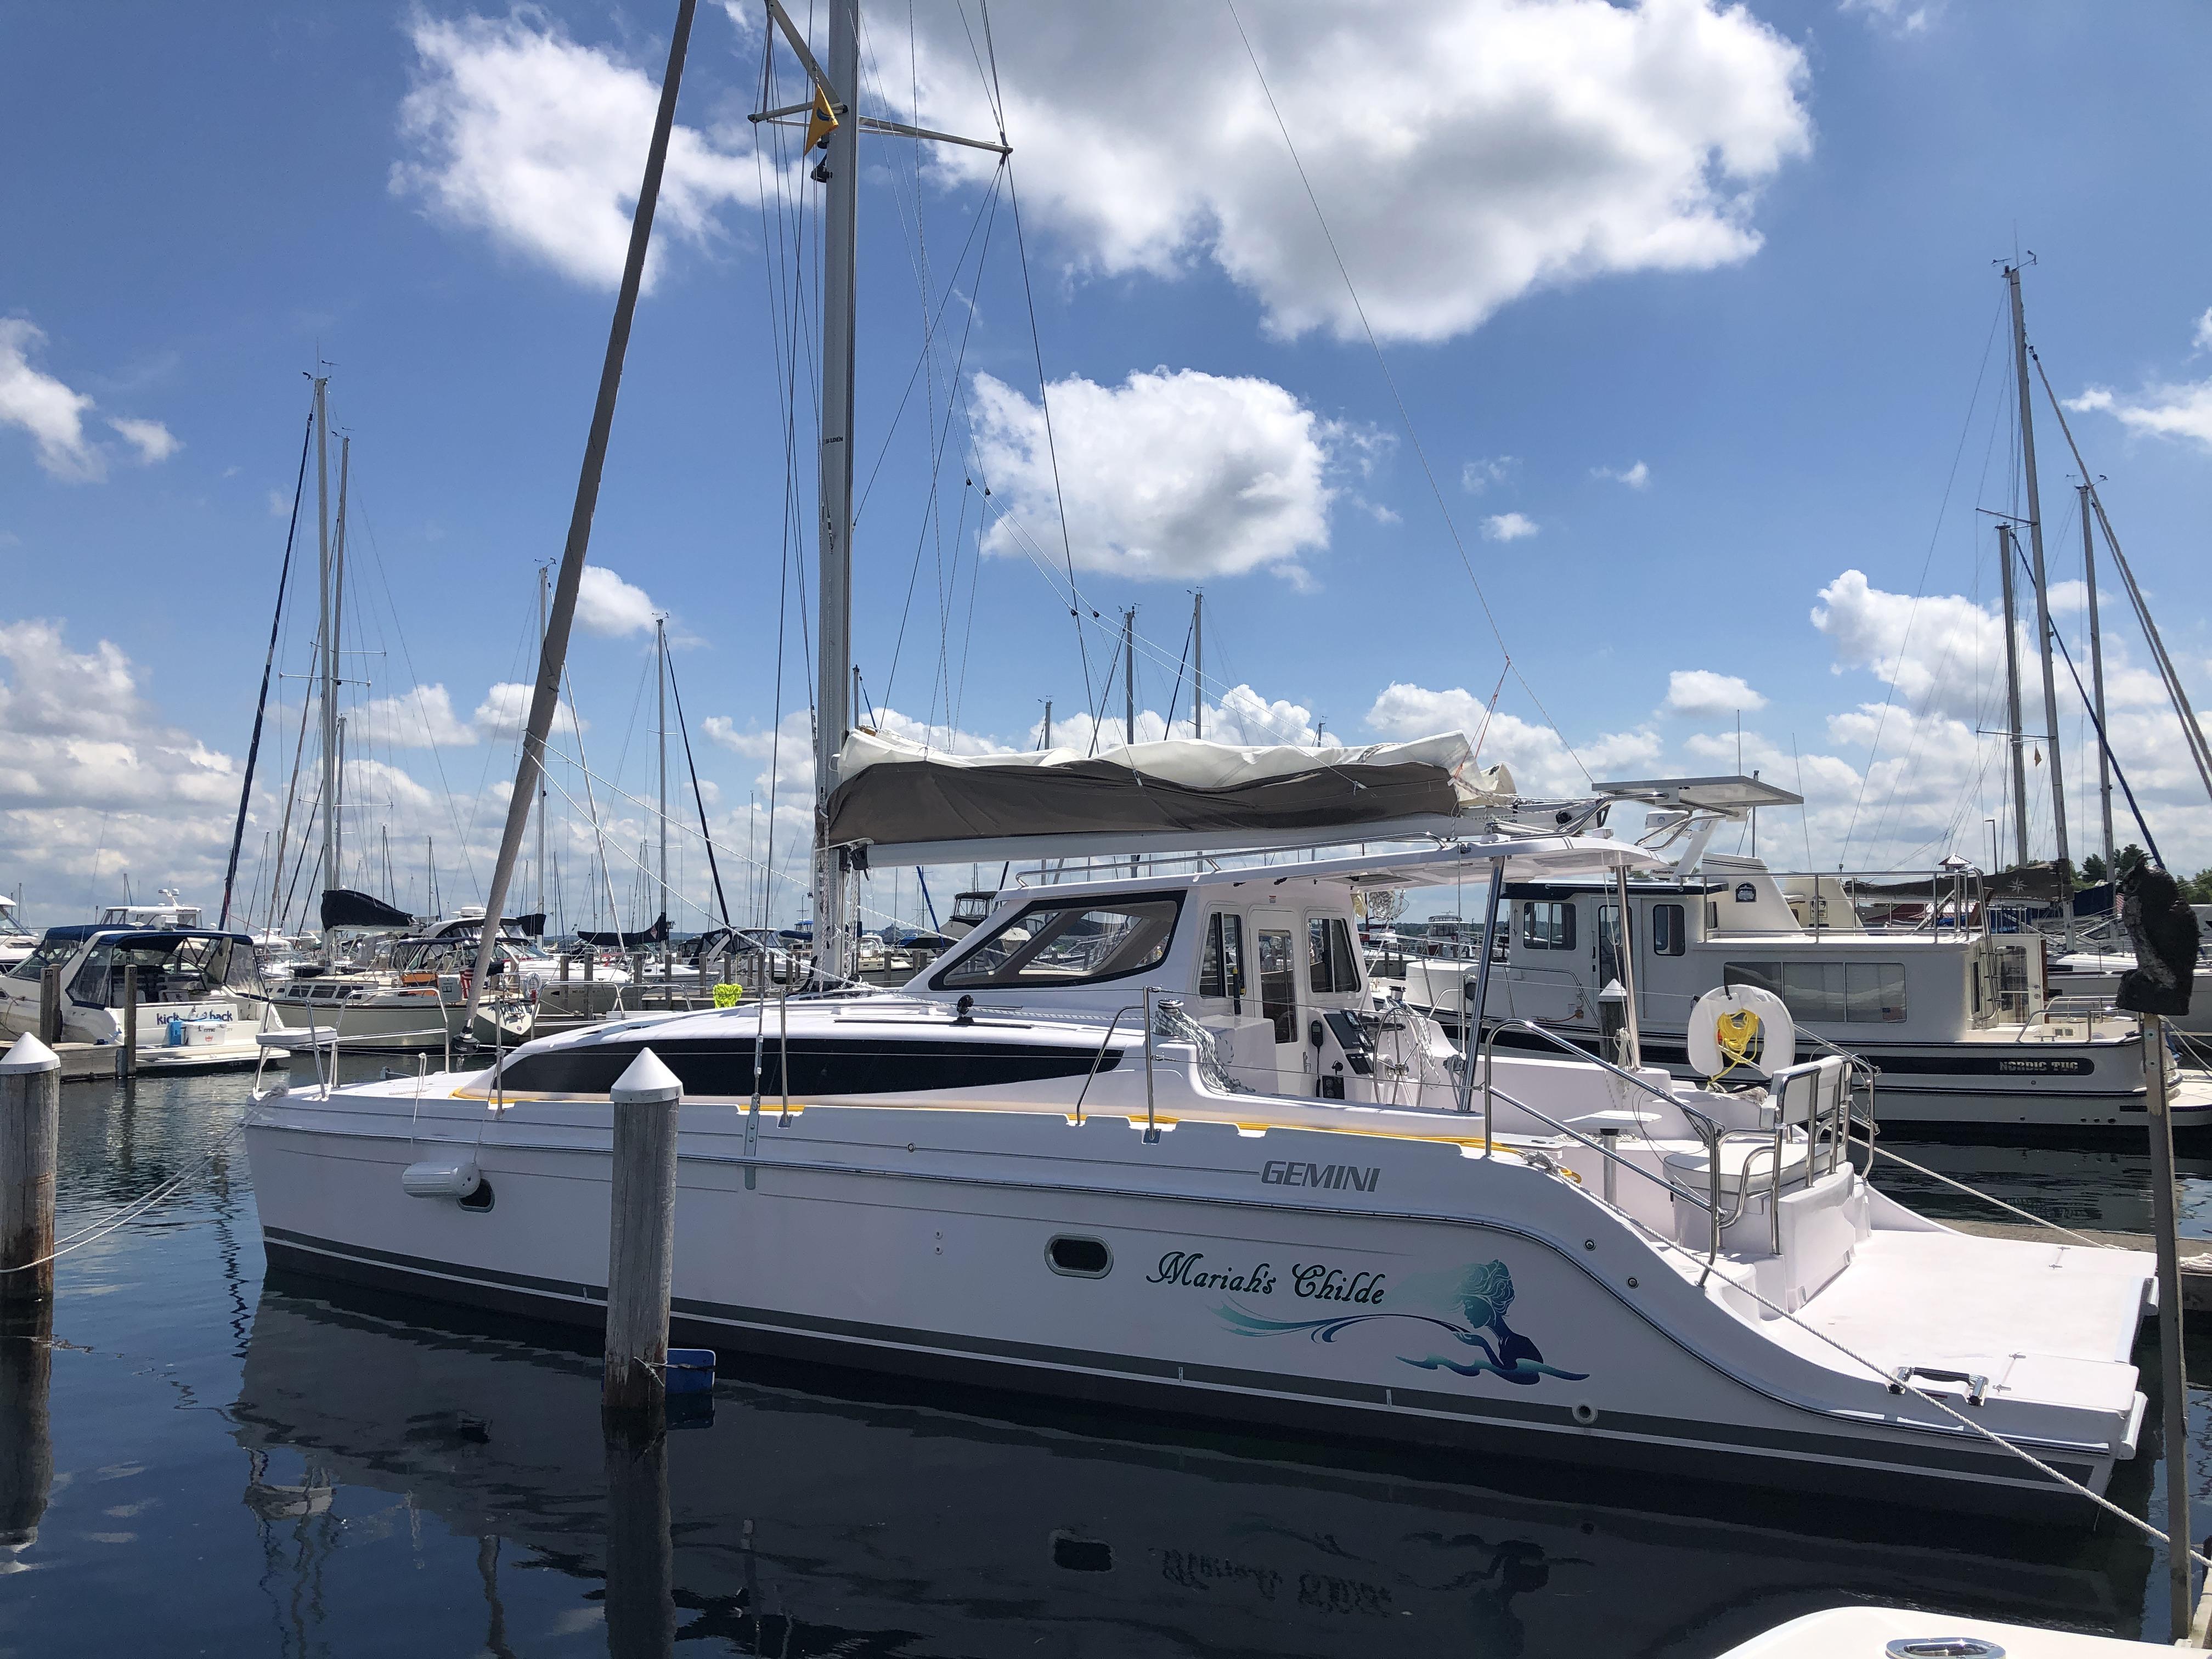 gemini catamaran legacy 35x